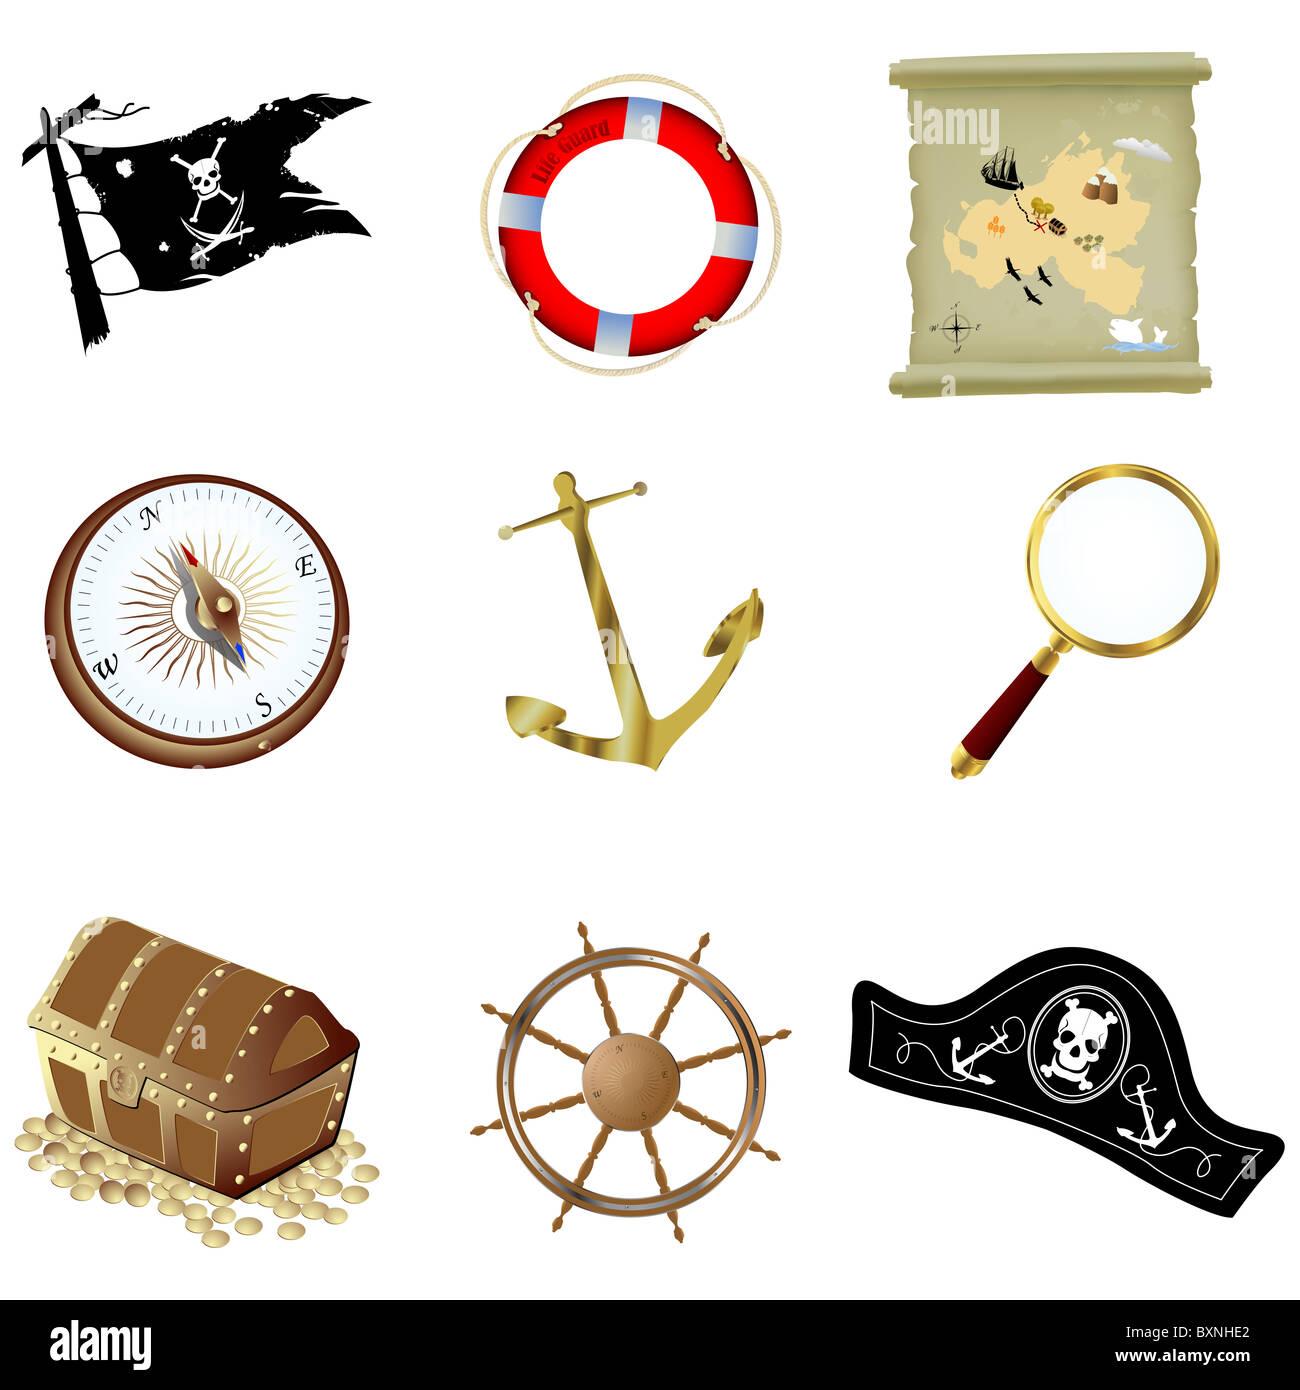 Nautical icons - Stock Image